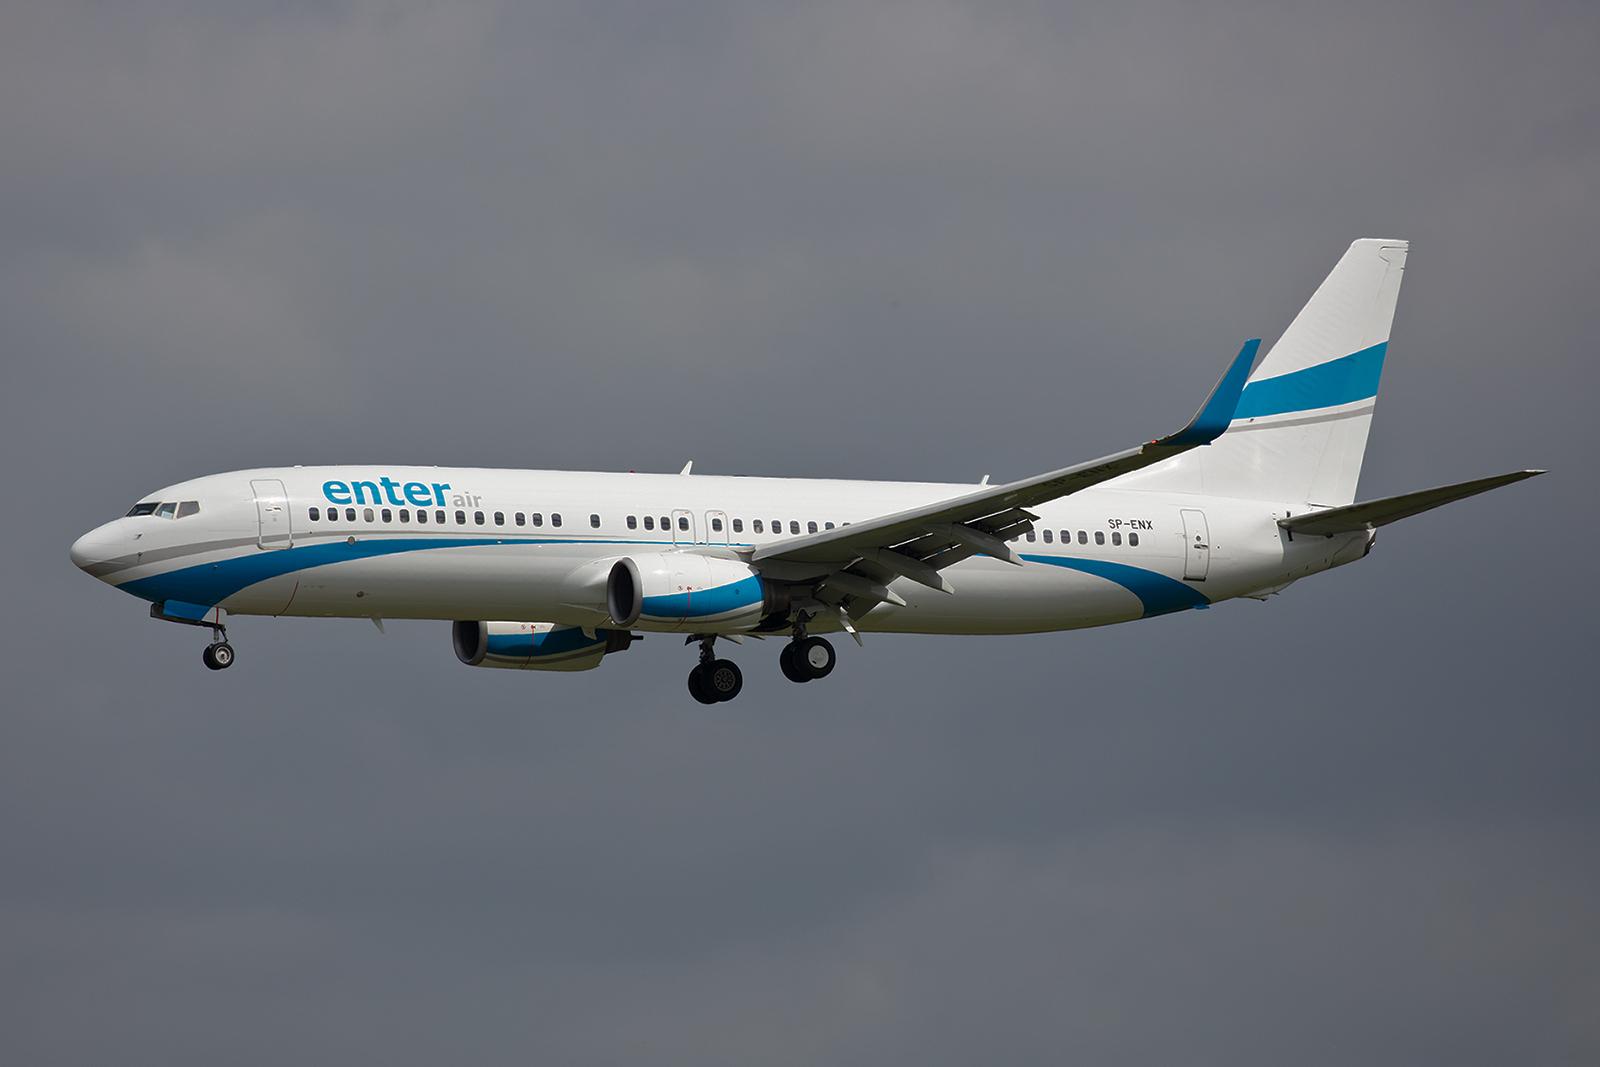 2009 wurde die Chartergesellschaft Enter Air gegründet. Neben Urlaubsflügen von Warschau und anderen polnischen Großstädten aus, vermietet man seine Flugzeuge auch saisonal an andere Airlines.